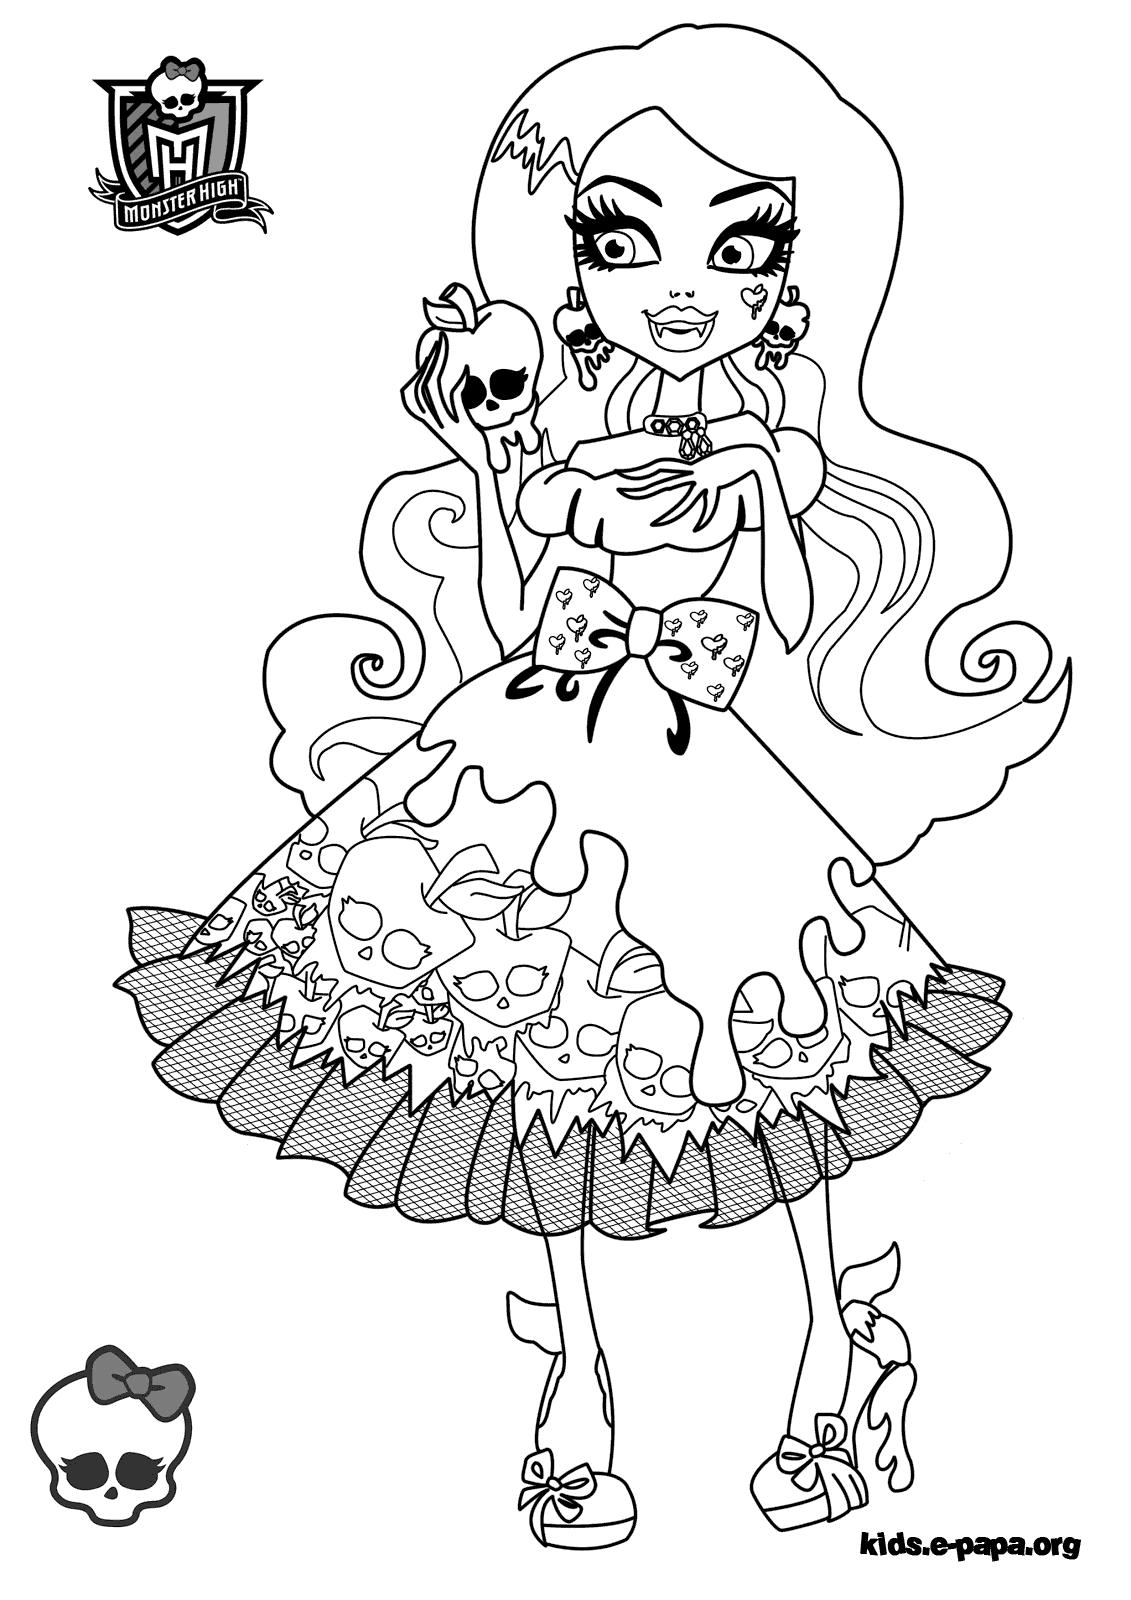 Monster High Ausmalbilder Cleo De Nile : Ausmalbilder F R Kinder Draculaura